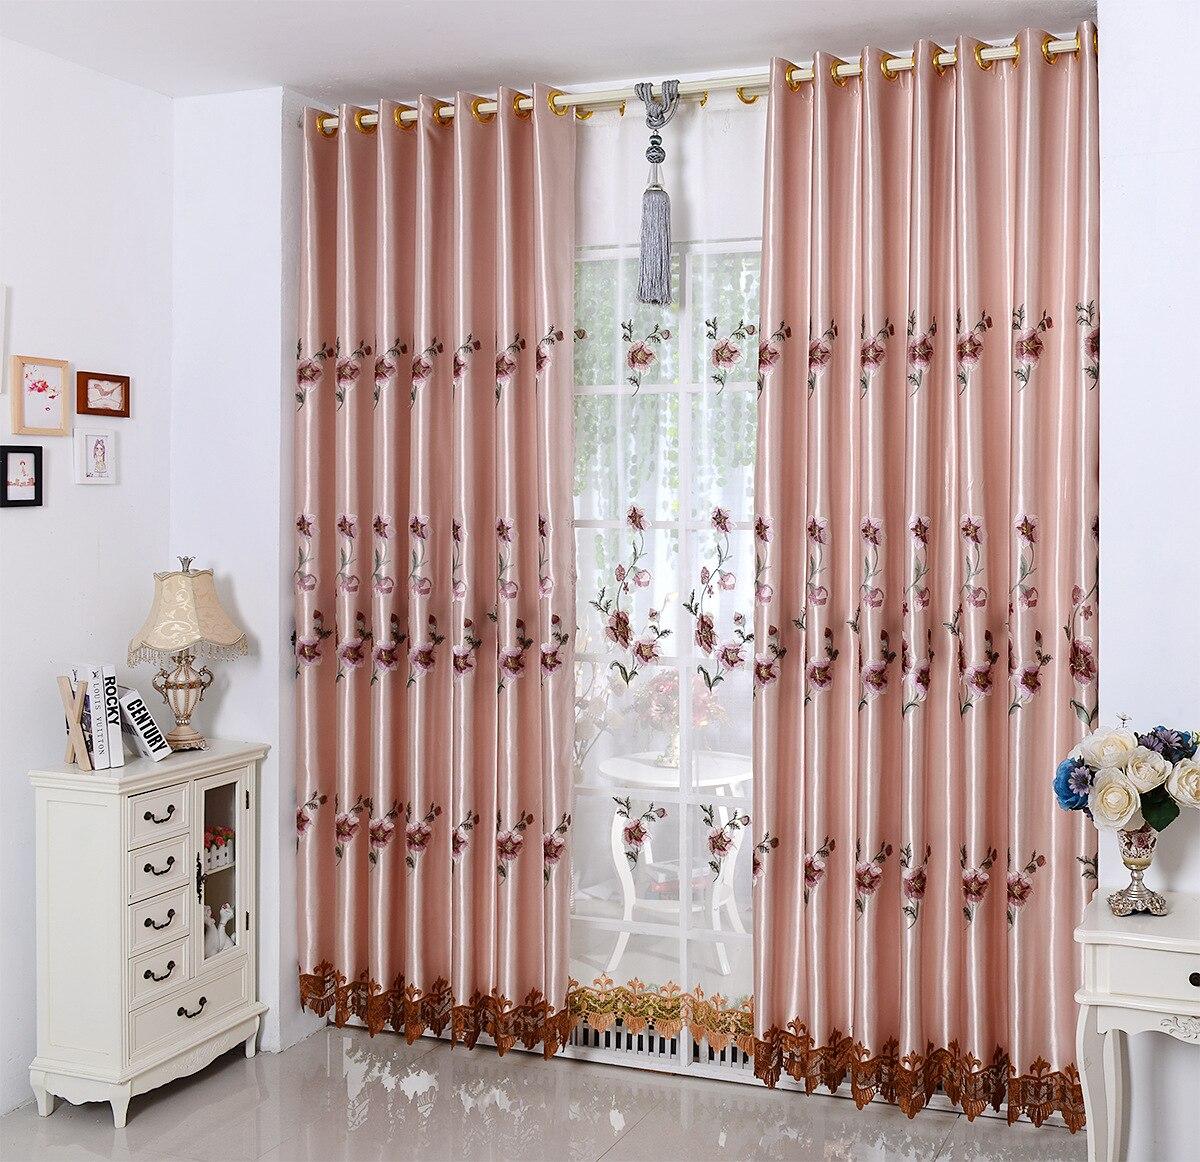 Cortinas bordadas solubles en agua para sala de estar y dormitorio, tela...